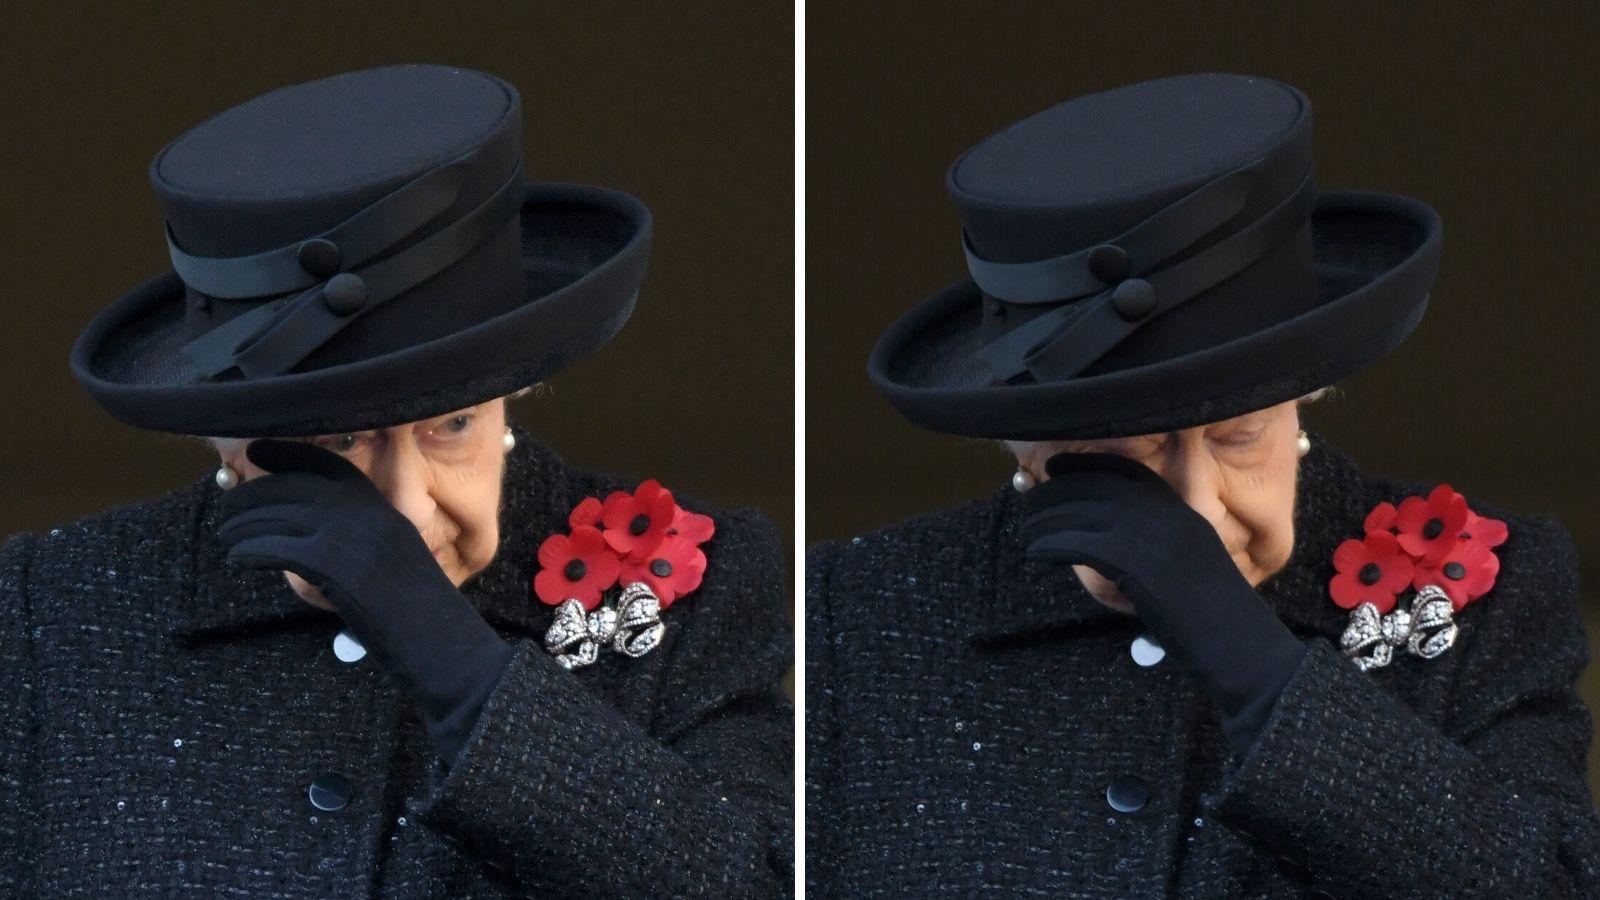 نتيجة بحث الصور عن Queen Elizabeth + red flower